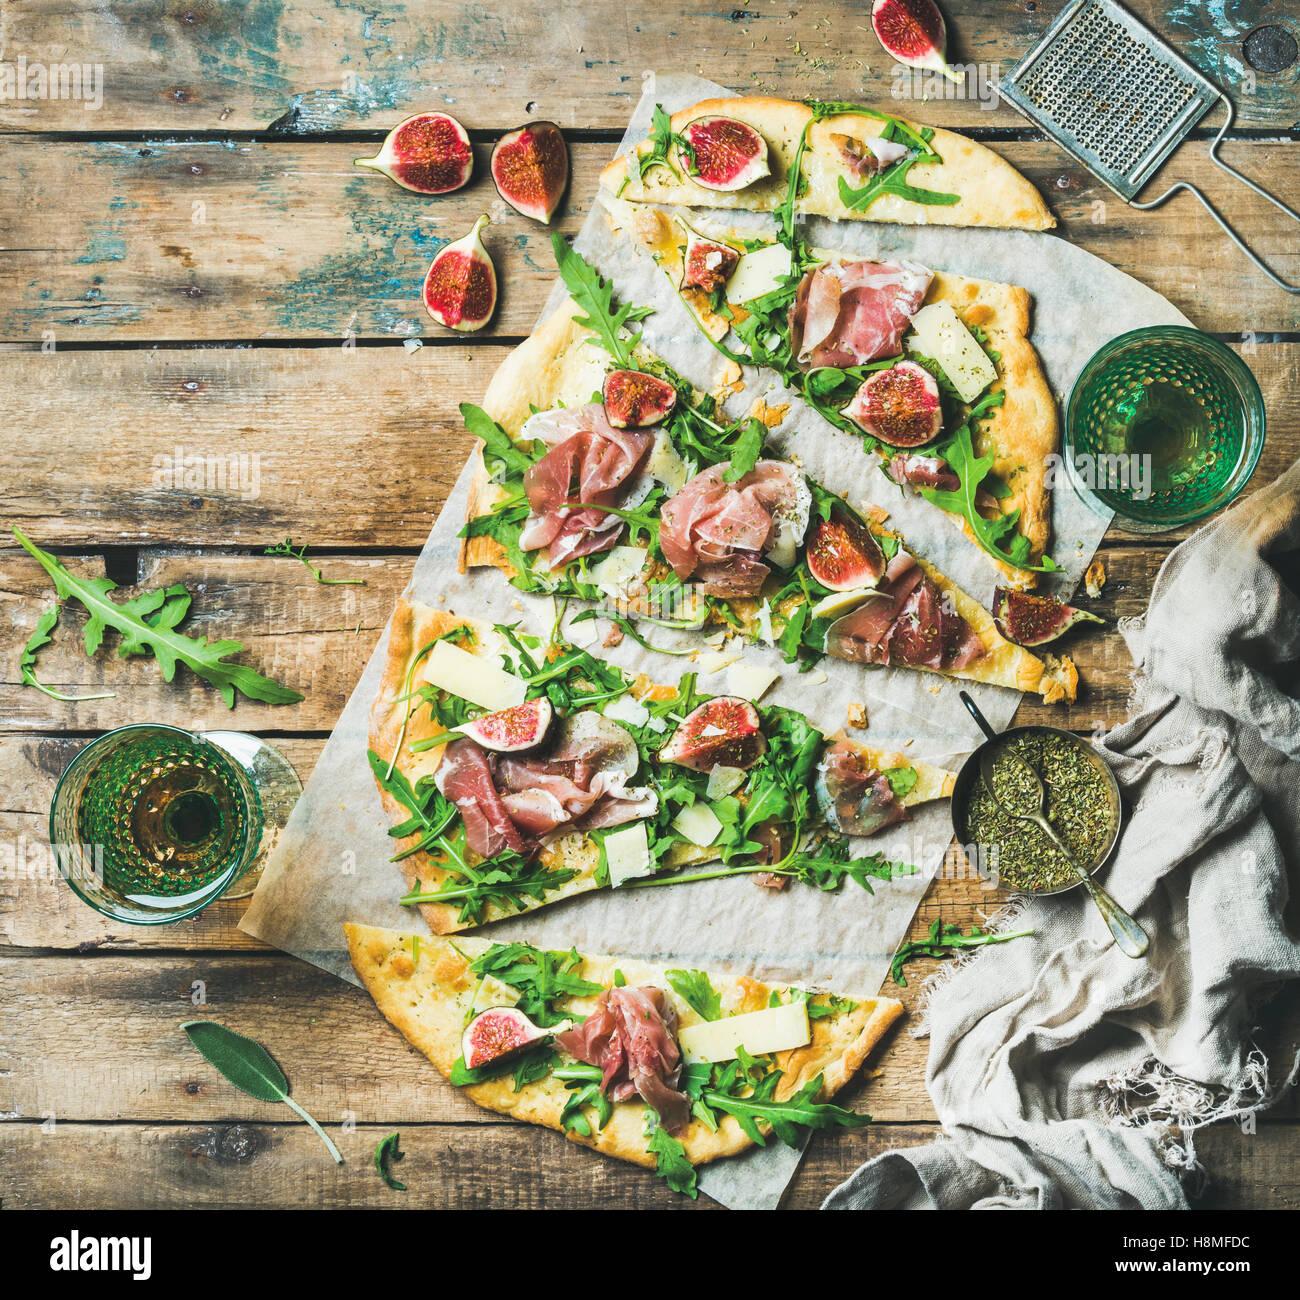 Pizza Menu Stockfotos & Pizza Menu Bilder - Alamy